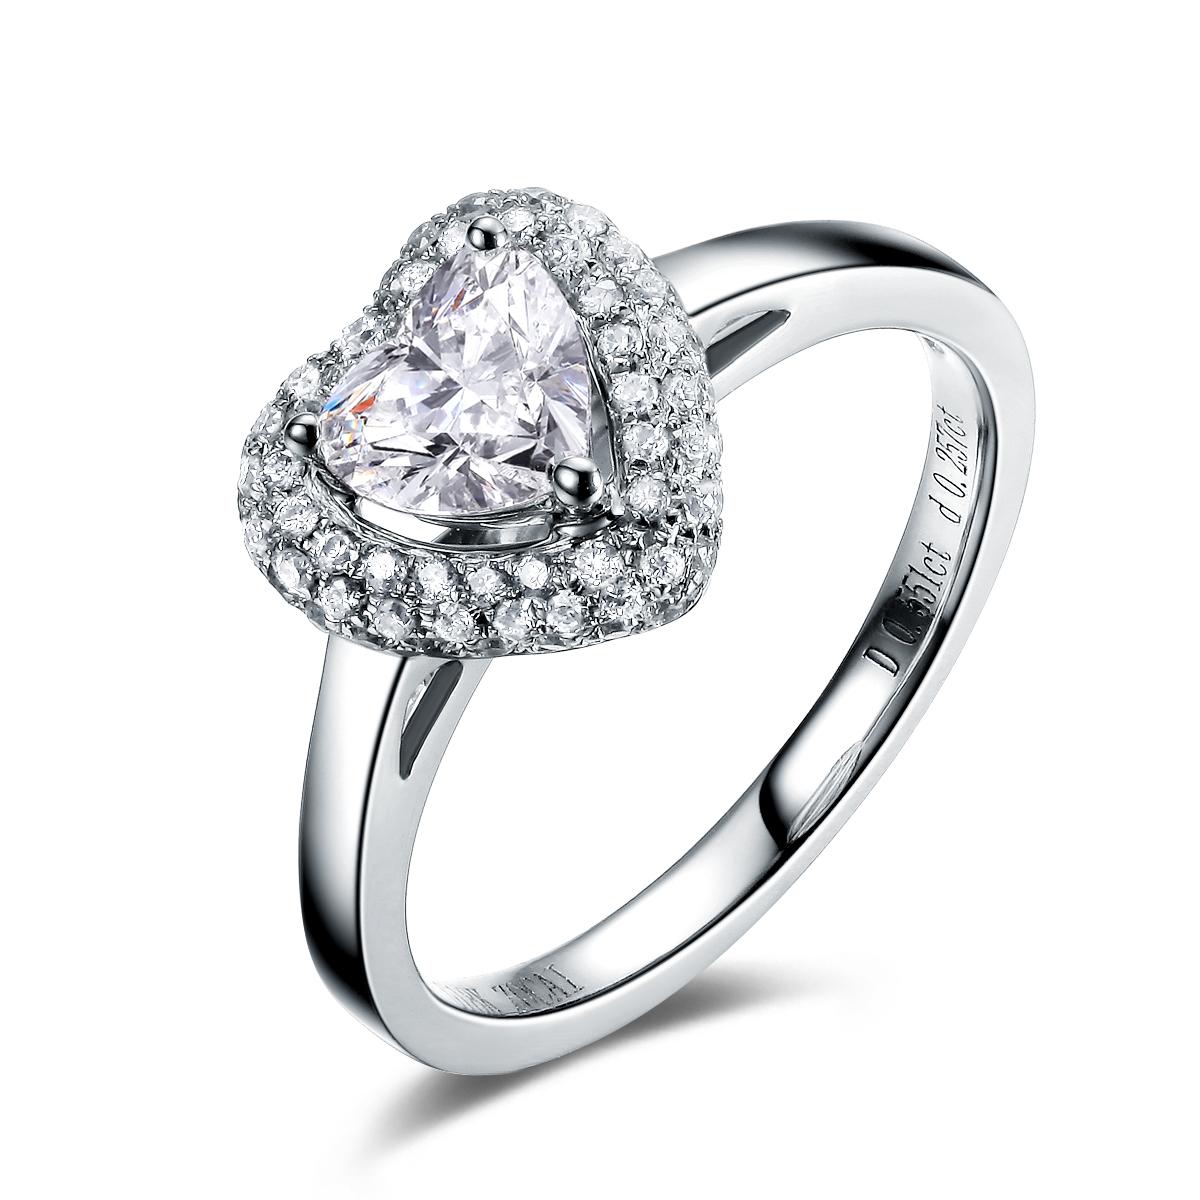 了解钻石戒指的保值知识